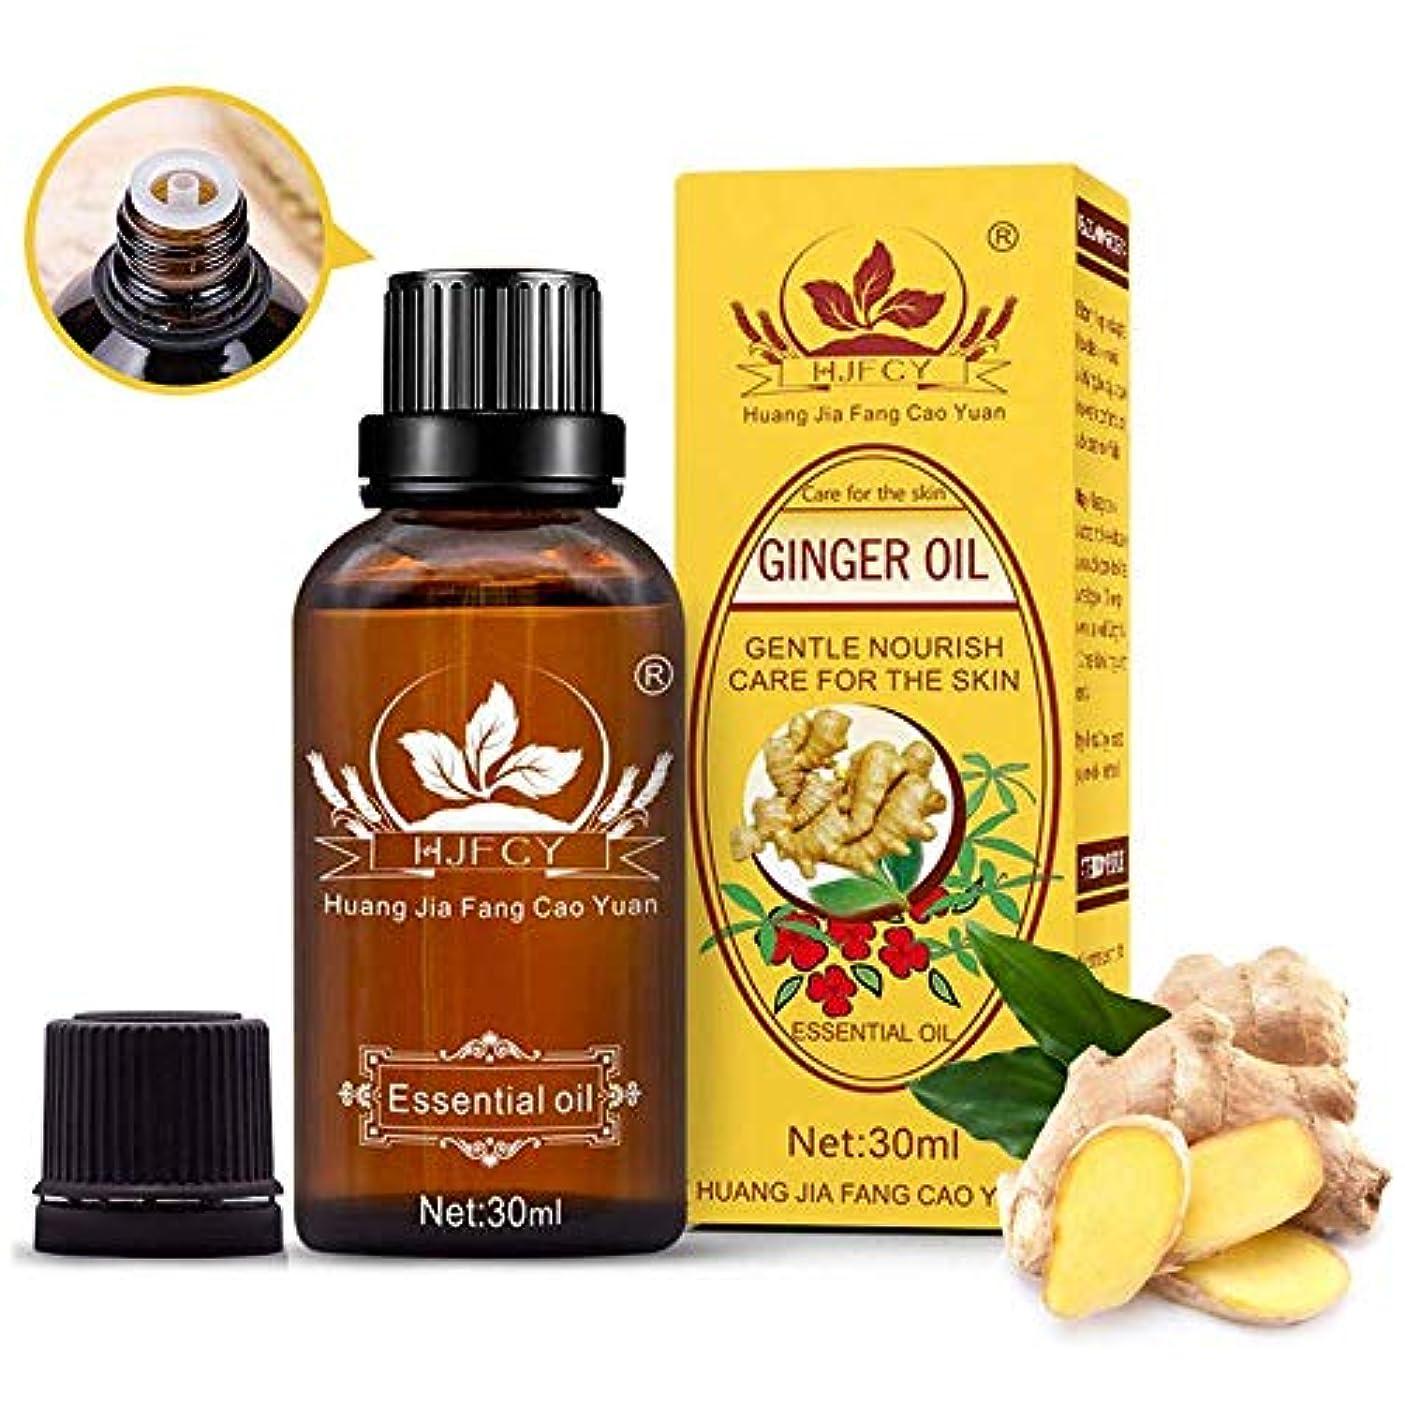 適切なまとめるゴールドジンジャーエッセンシャルオイル、天然植物療法ジンジャーエッセンシャルオイルリンパ排水、スパマッサージ油、筋肉の痛みの緩和、血液の循環を促進し、穏やかに30ML